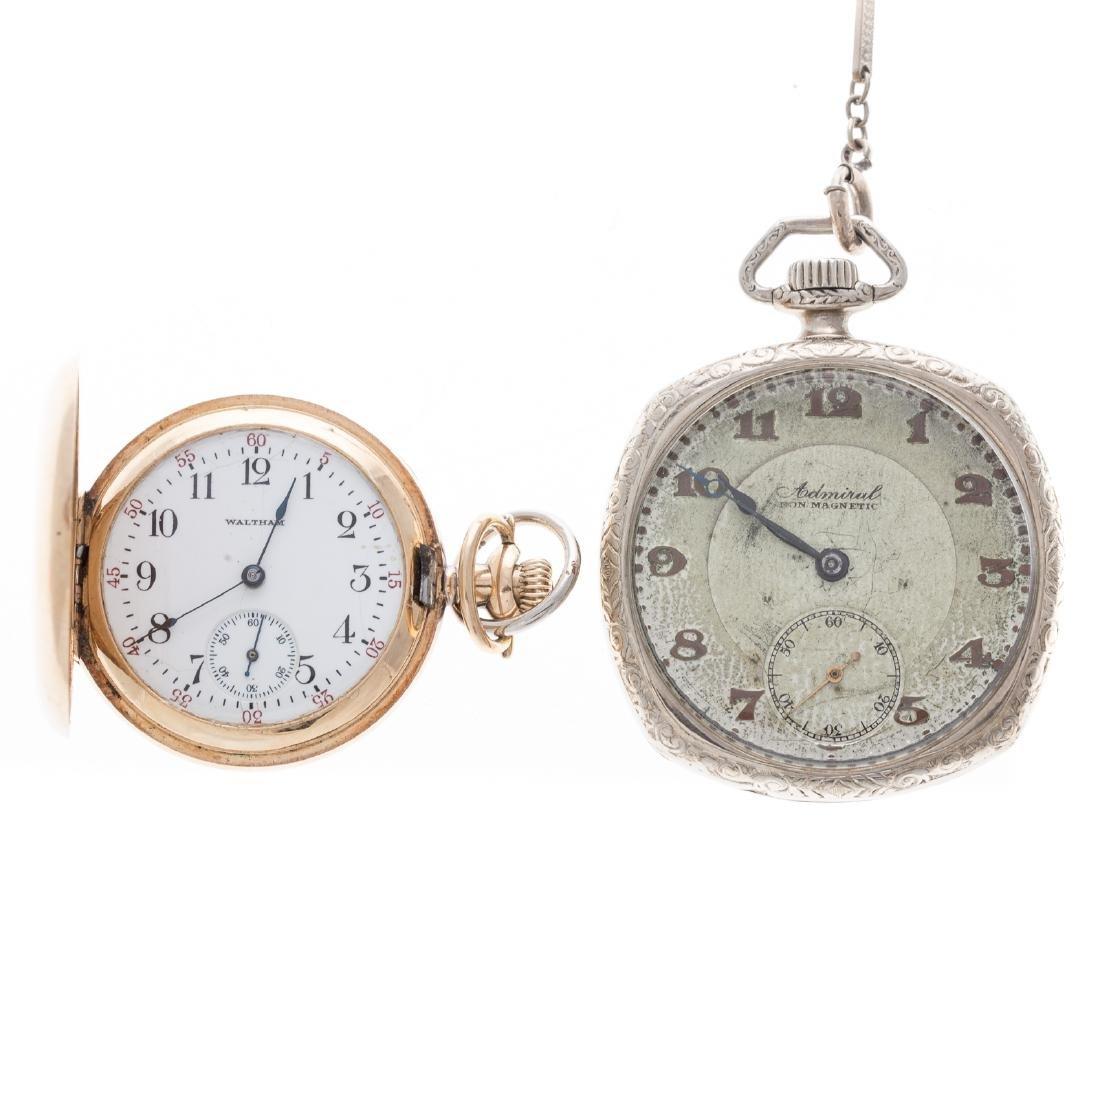 Two Gentlemen's Vintage Pocket Watches